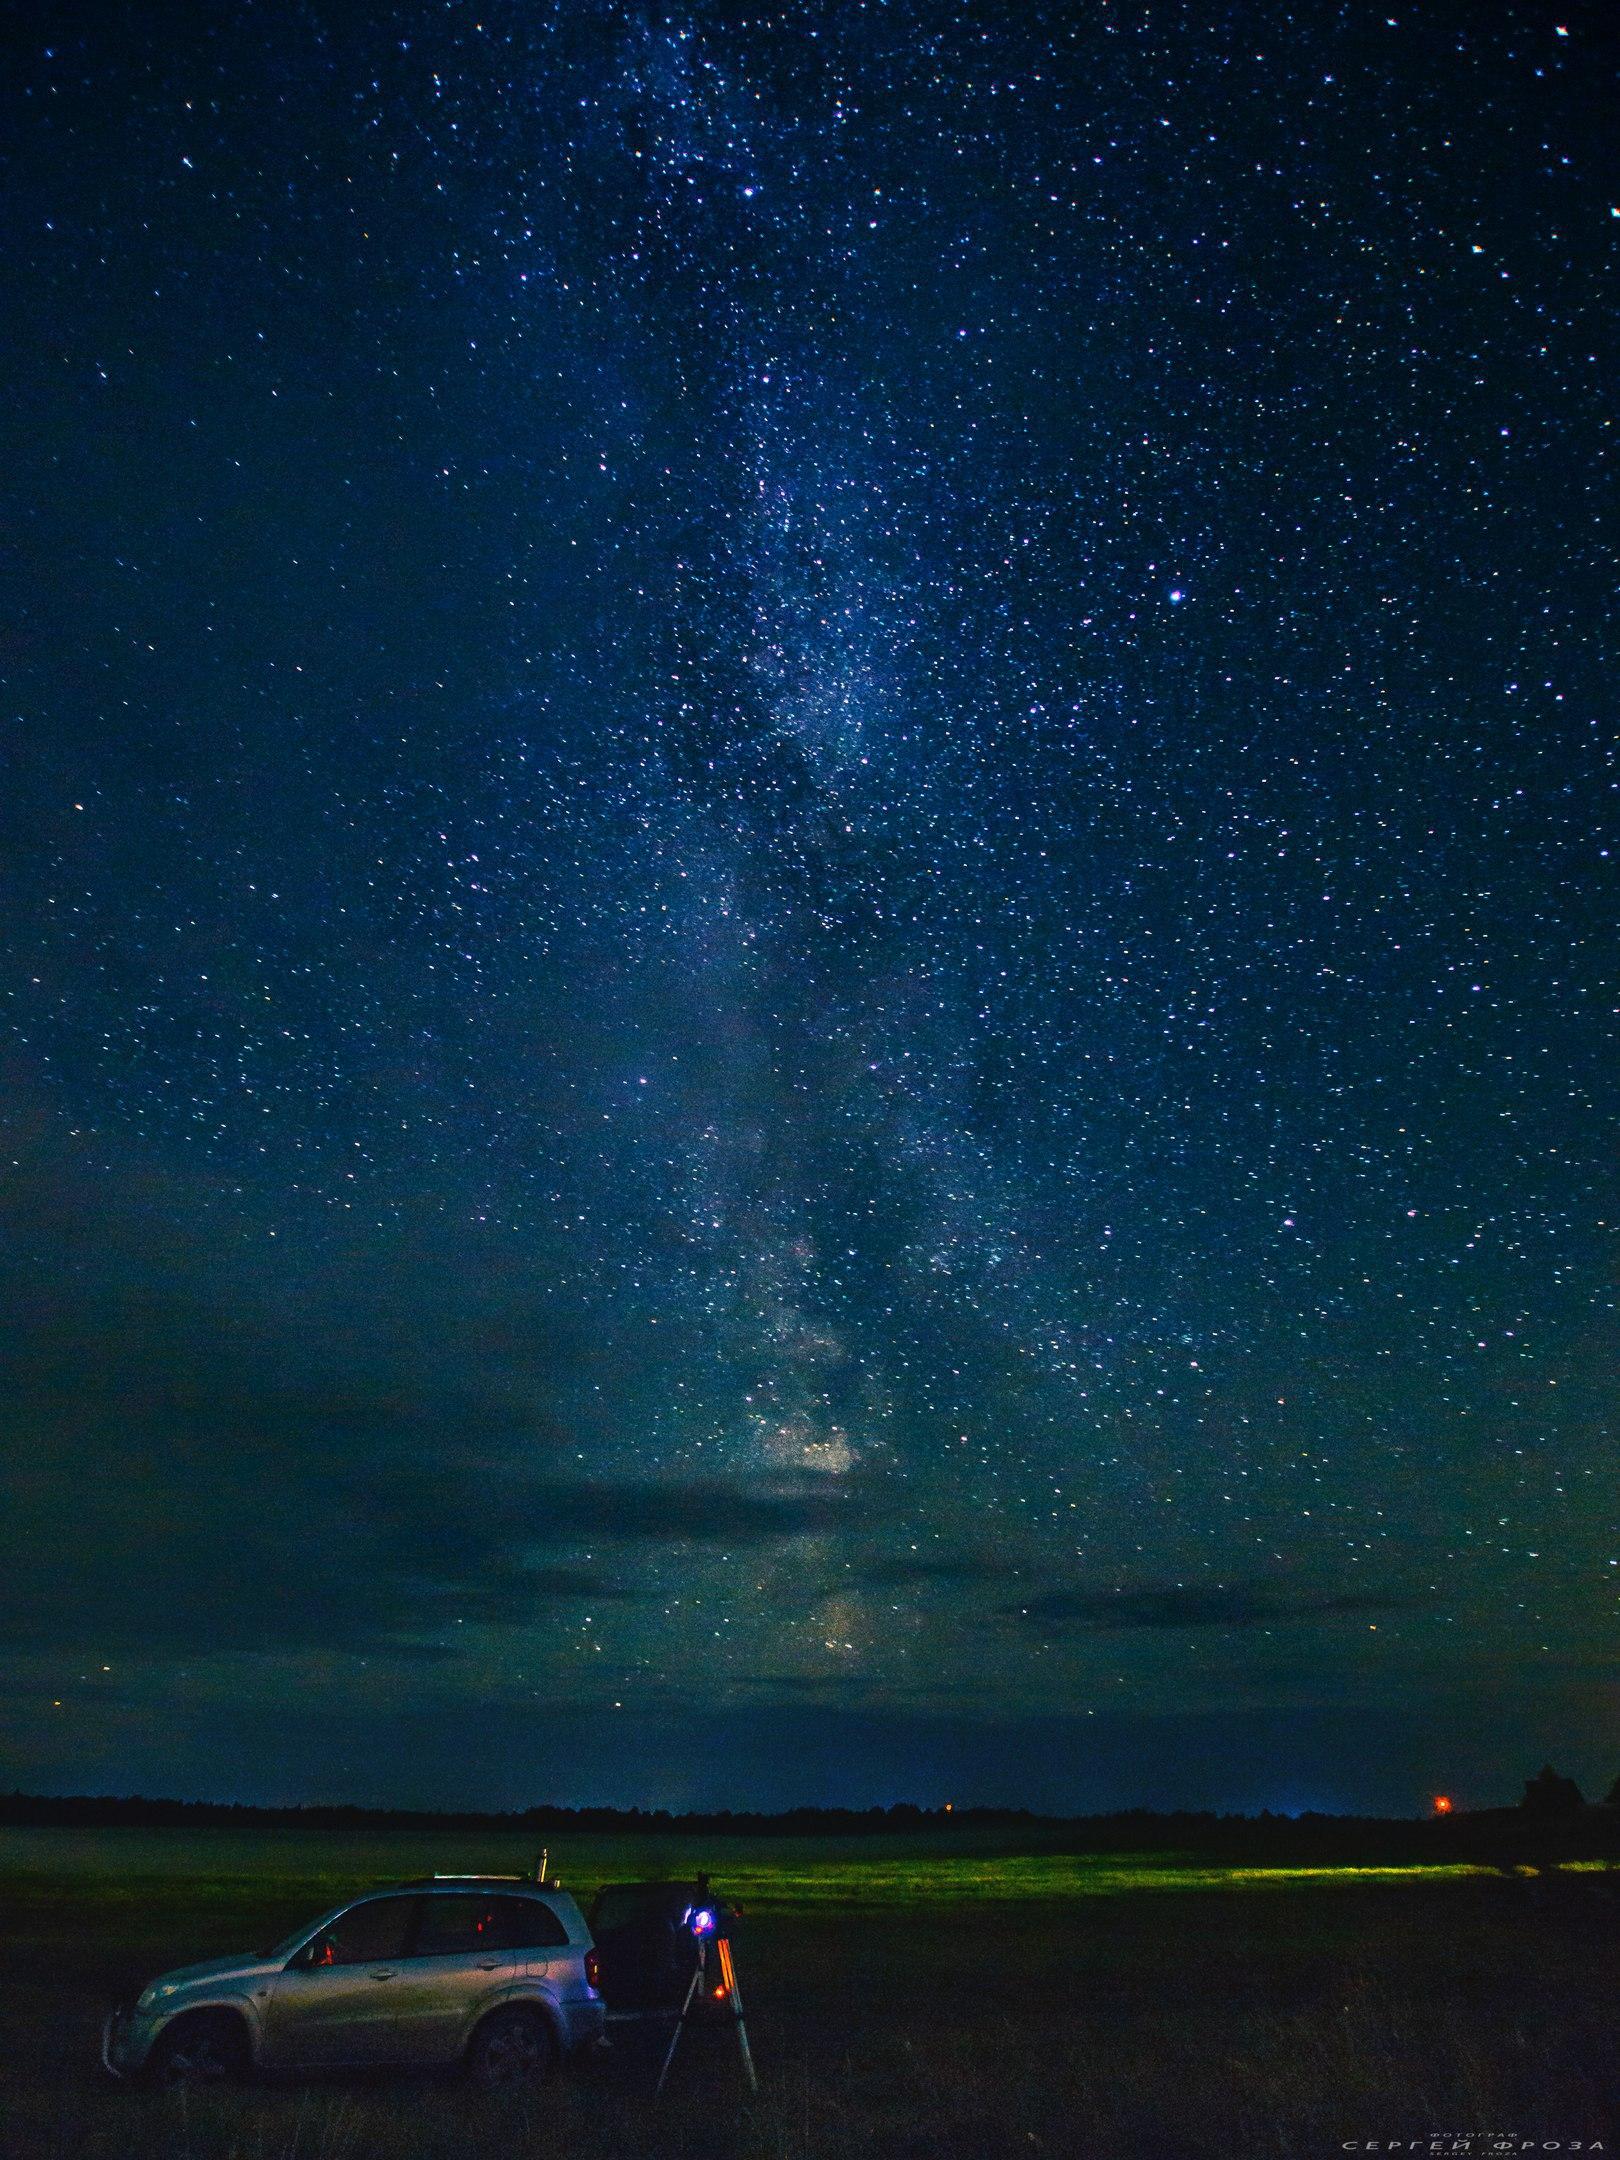 красивом платье фото кипр звездное небо изюминкой парка водных